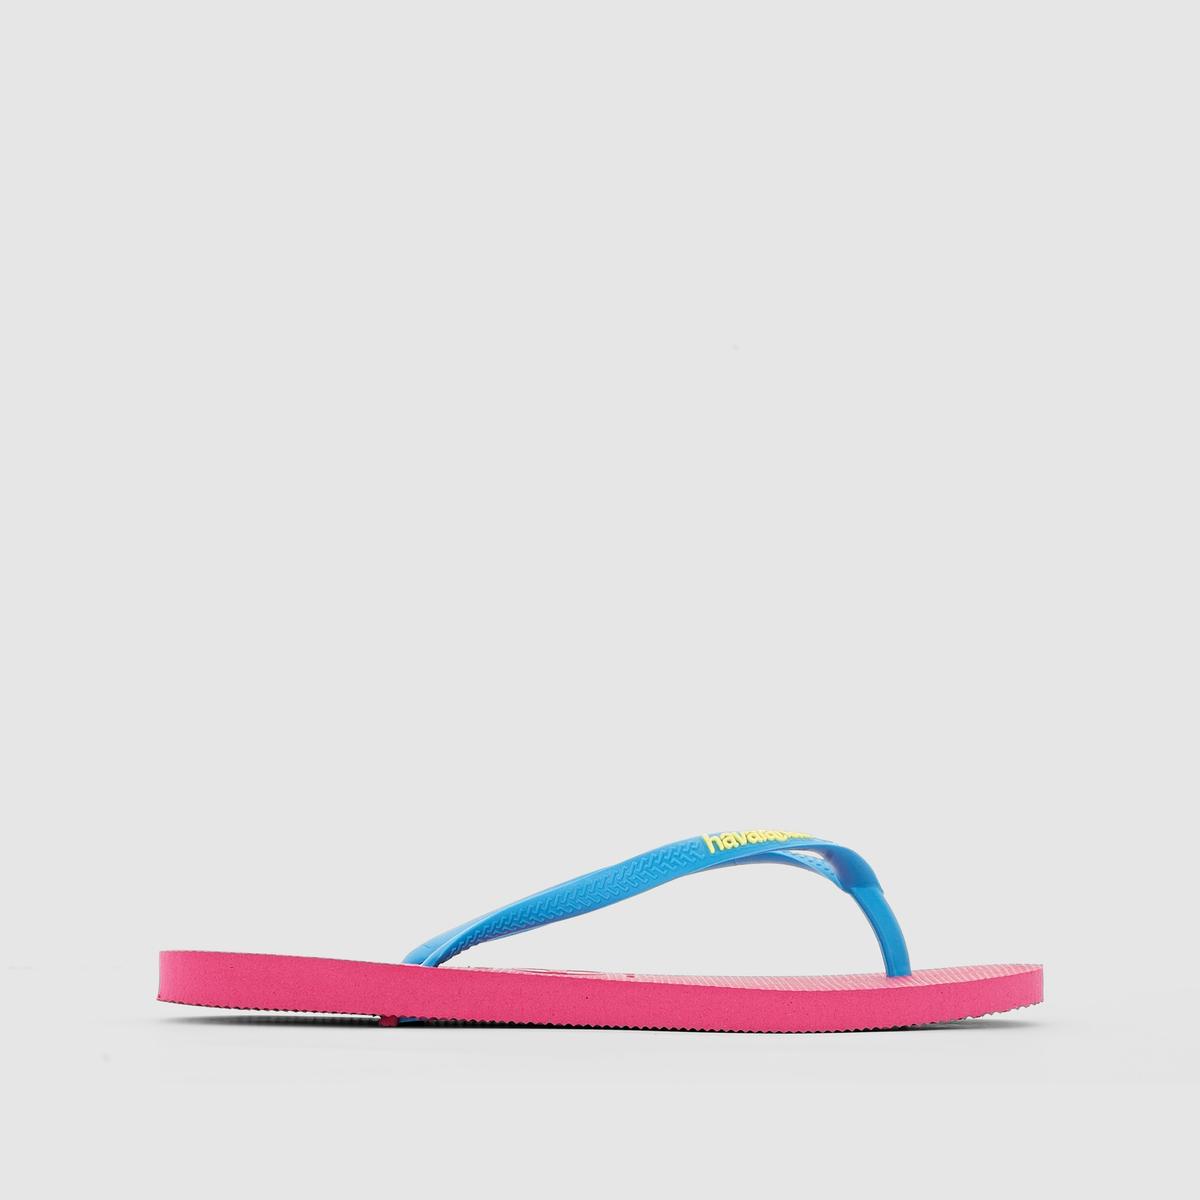 Вьетнамки, HAVAINAS Hav. Slim LogoПреимущества: рельефный логотип спереди на ремешке, оригинальность при простоте линий - эти вьетнамки от HAVAINAS легко найдут свое место во время пляжного отдыха или прогулок.<br><br>Цвет: розовый<br>Размер: 37/38